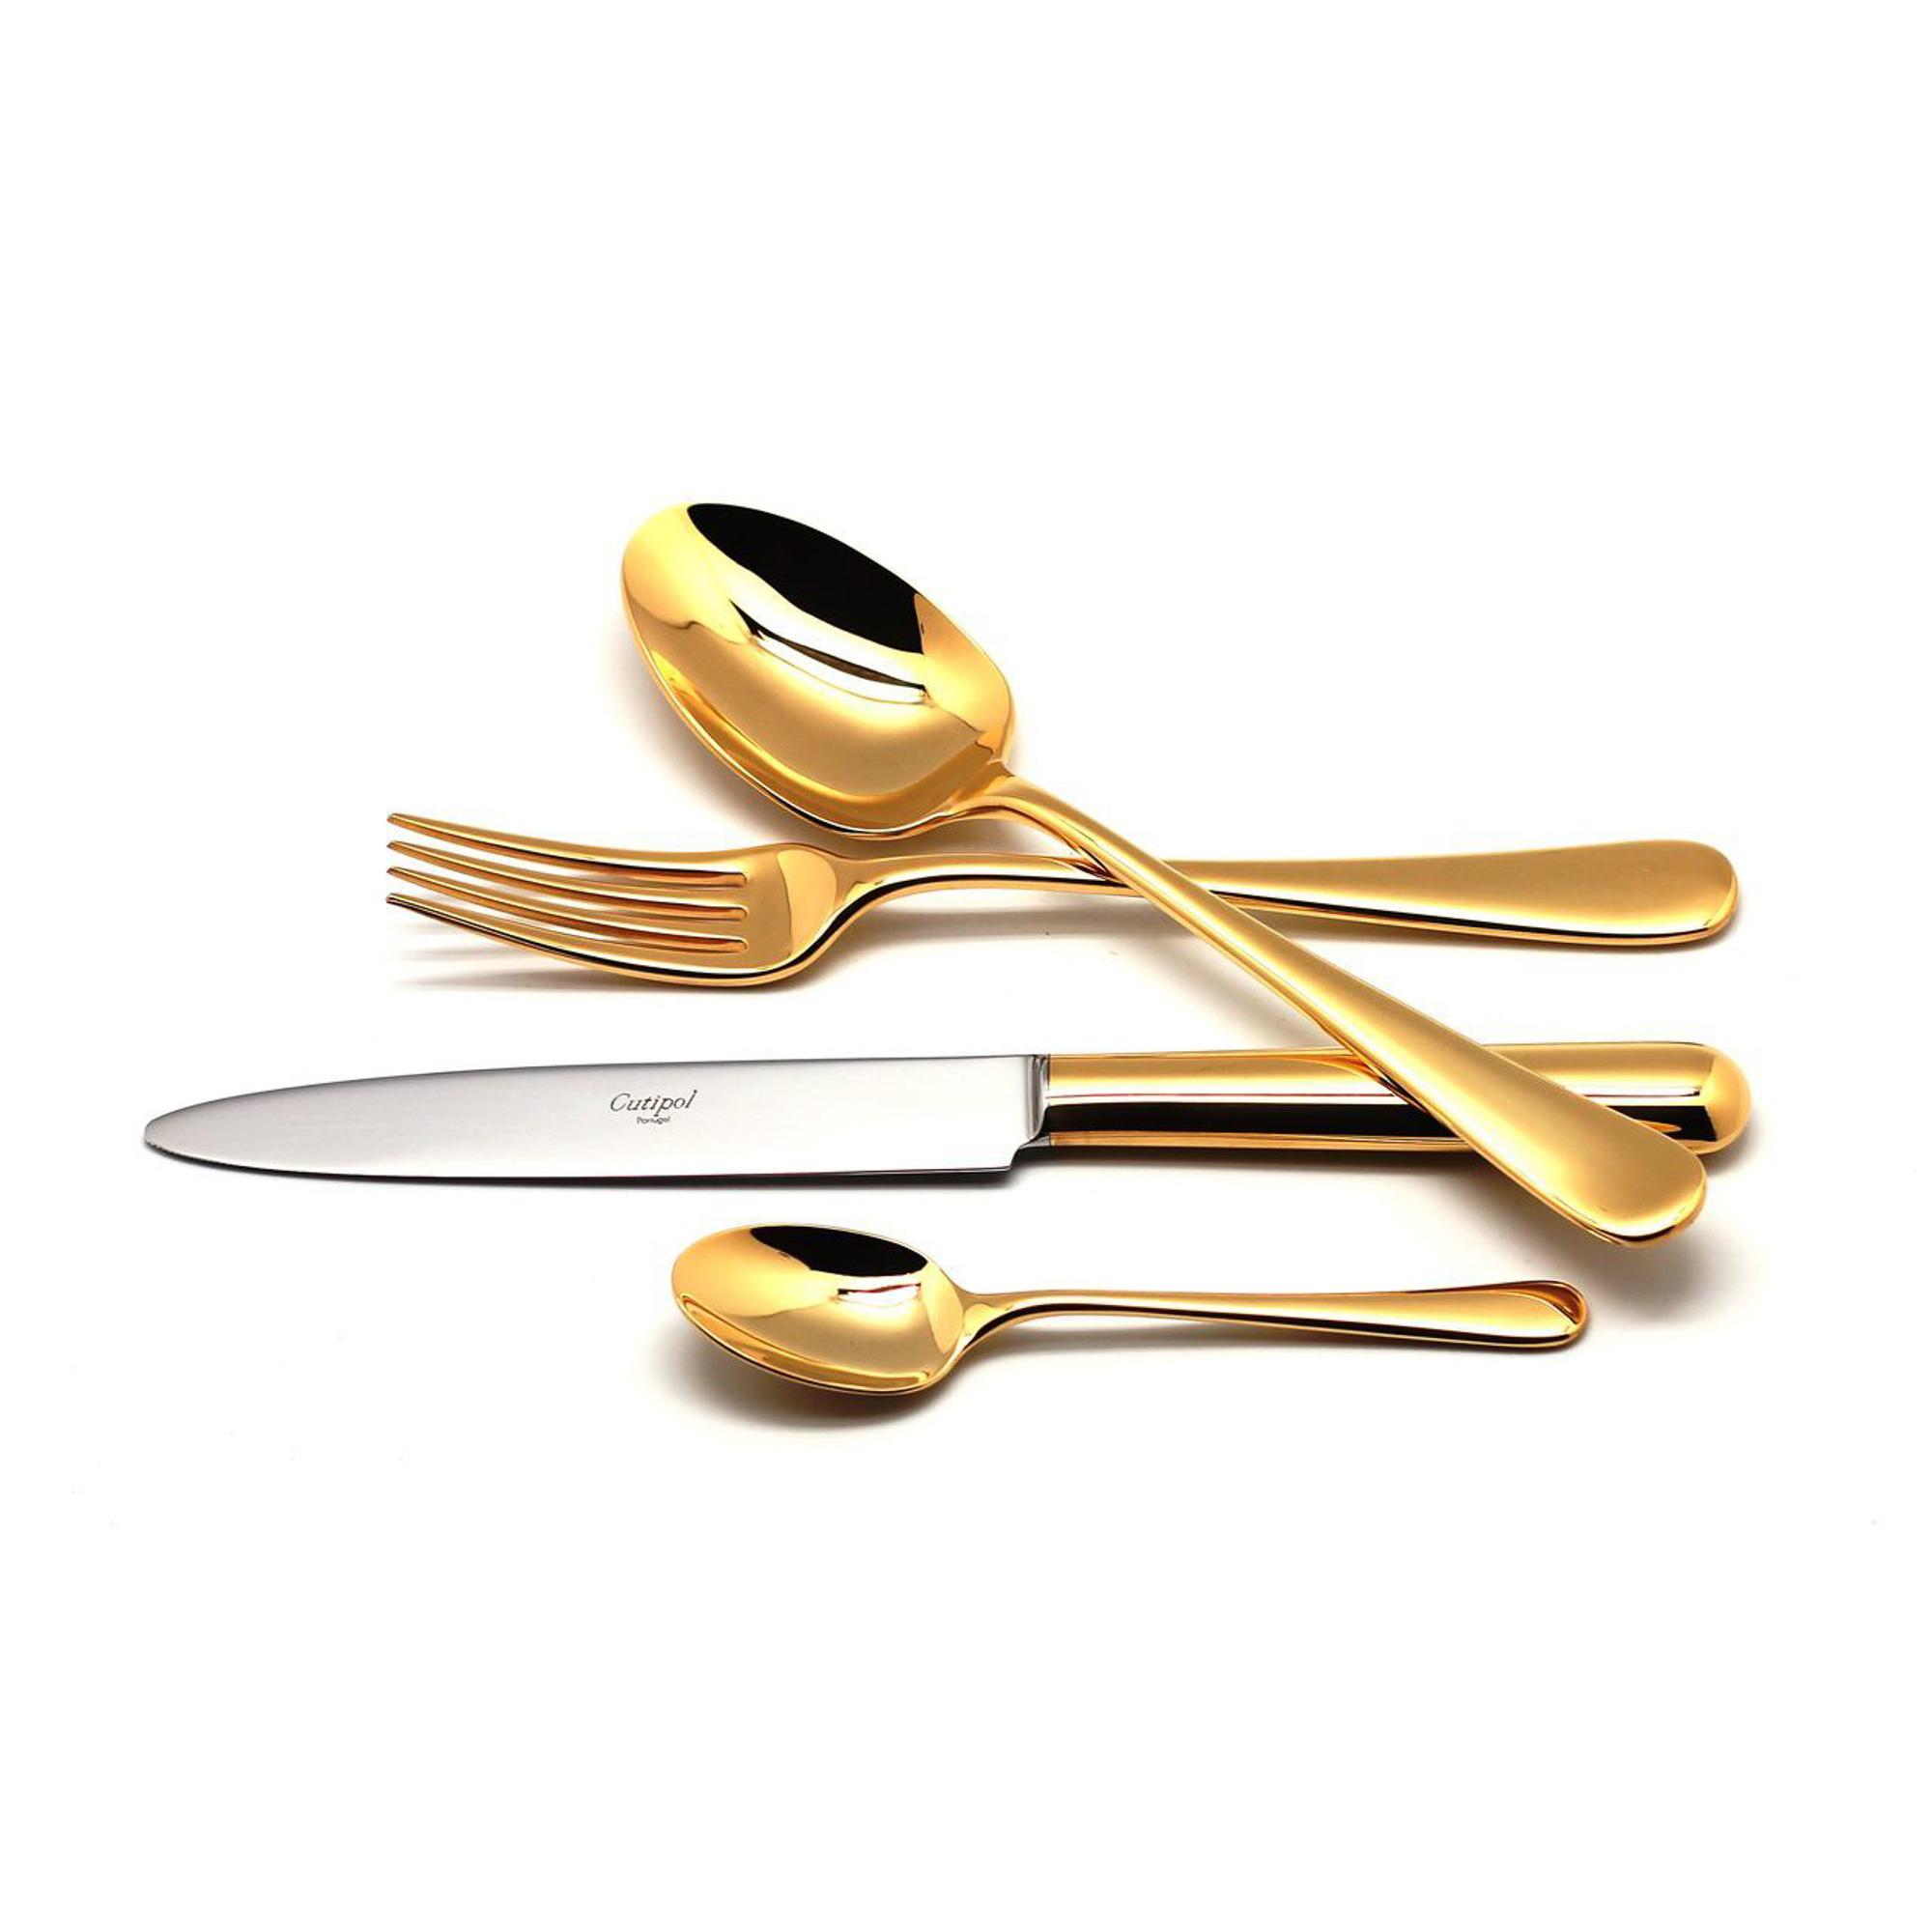 Столовый набор Cutipol ATLANTICO GOLD 9201-72 72 предмета набор столовых приборов cutipol fontainebleau gold из 72 х предметов 9162 72